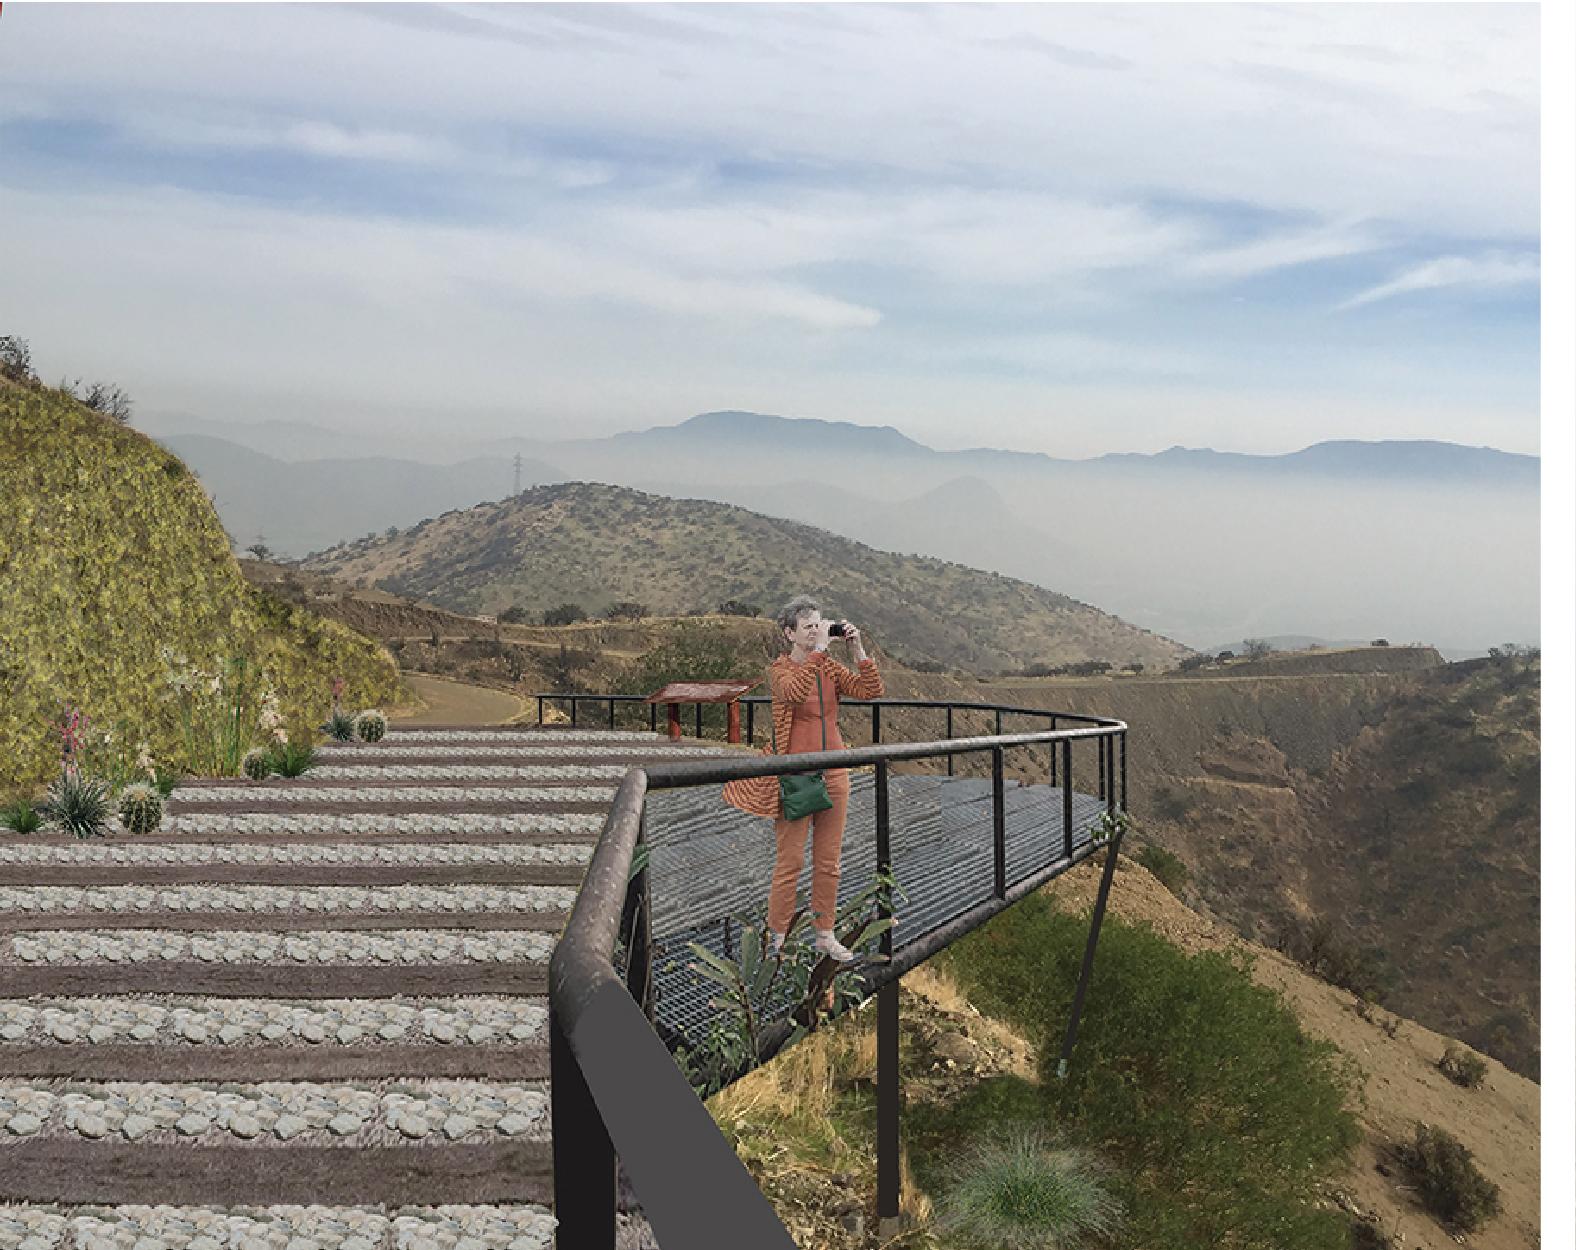 Formato Panoramico La Cumbre-09.jpg